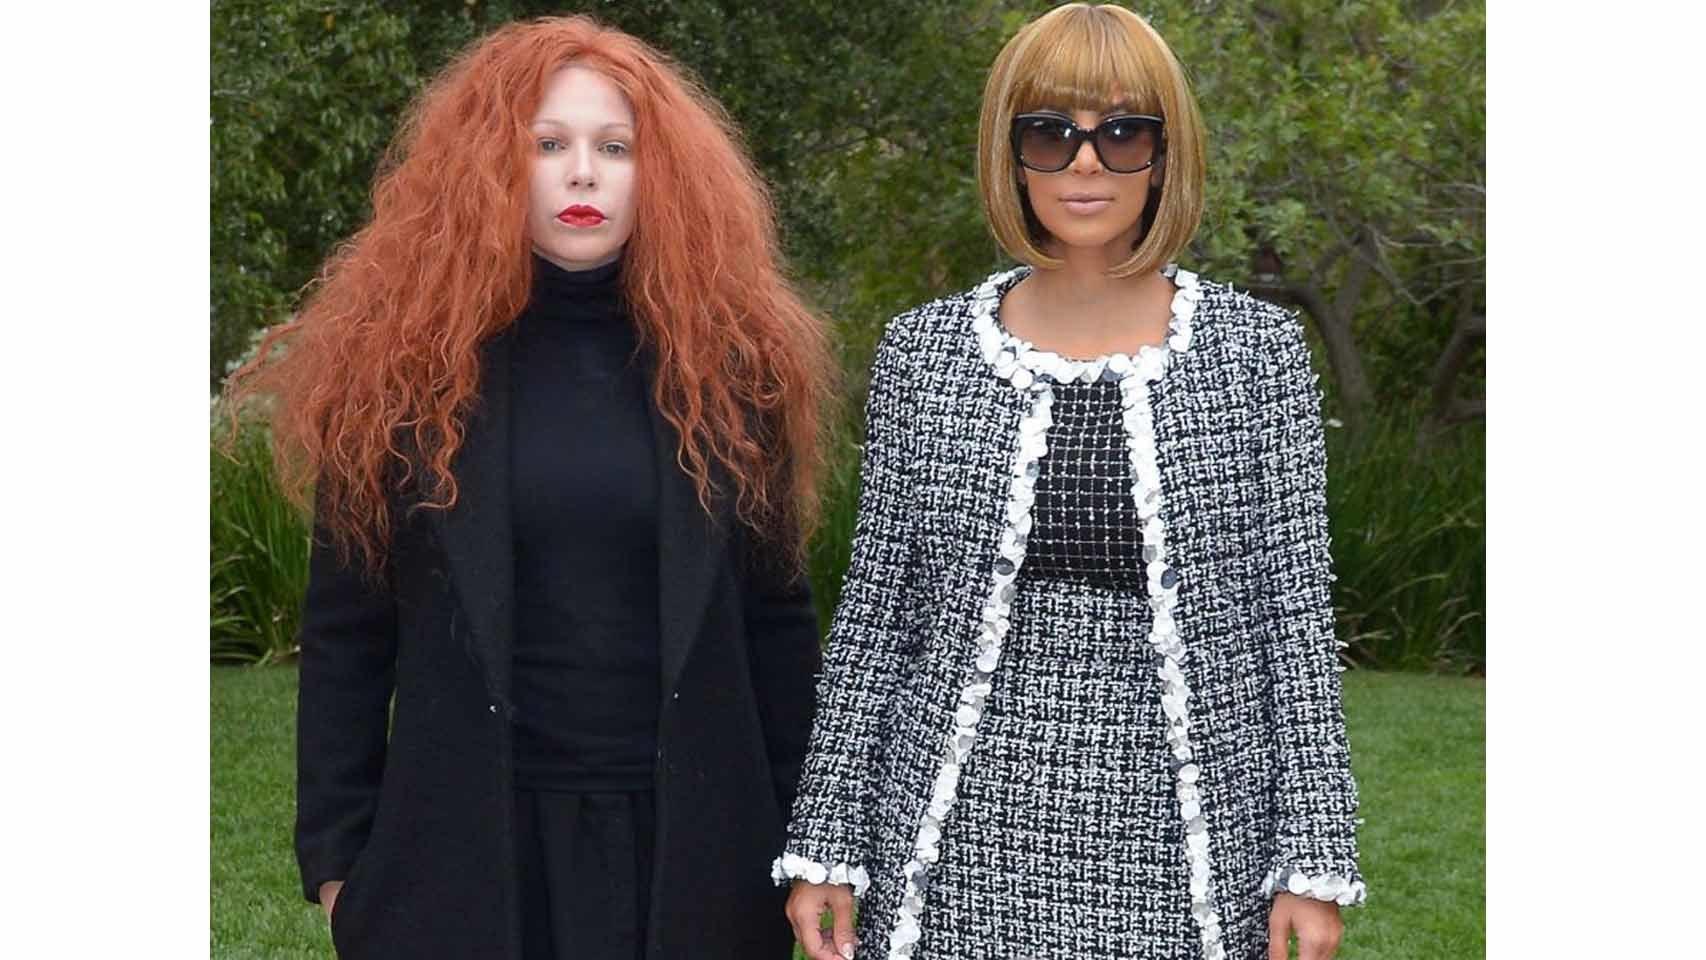 El anterior no fue su único disfraz en 2014 y es que Kim se metió bajo la piel de la directora de Vogue, Anna Wintour. A su lado, una amiga haciendo de la editora de moda de la revista, Grace Coddington.